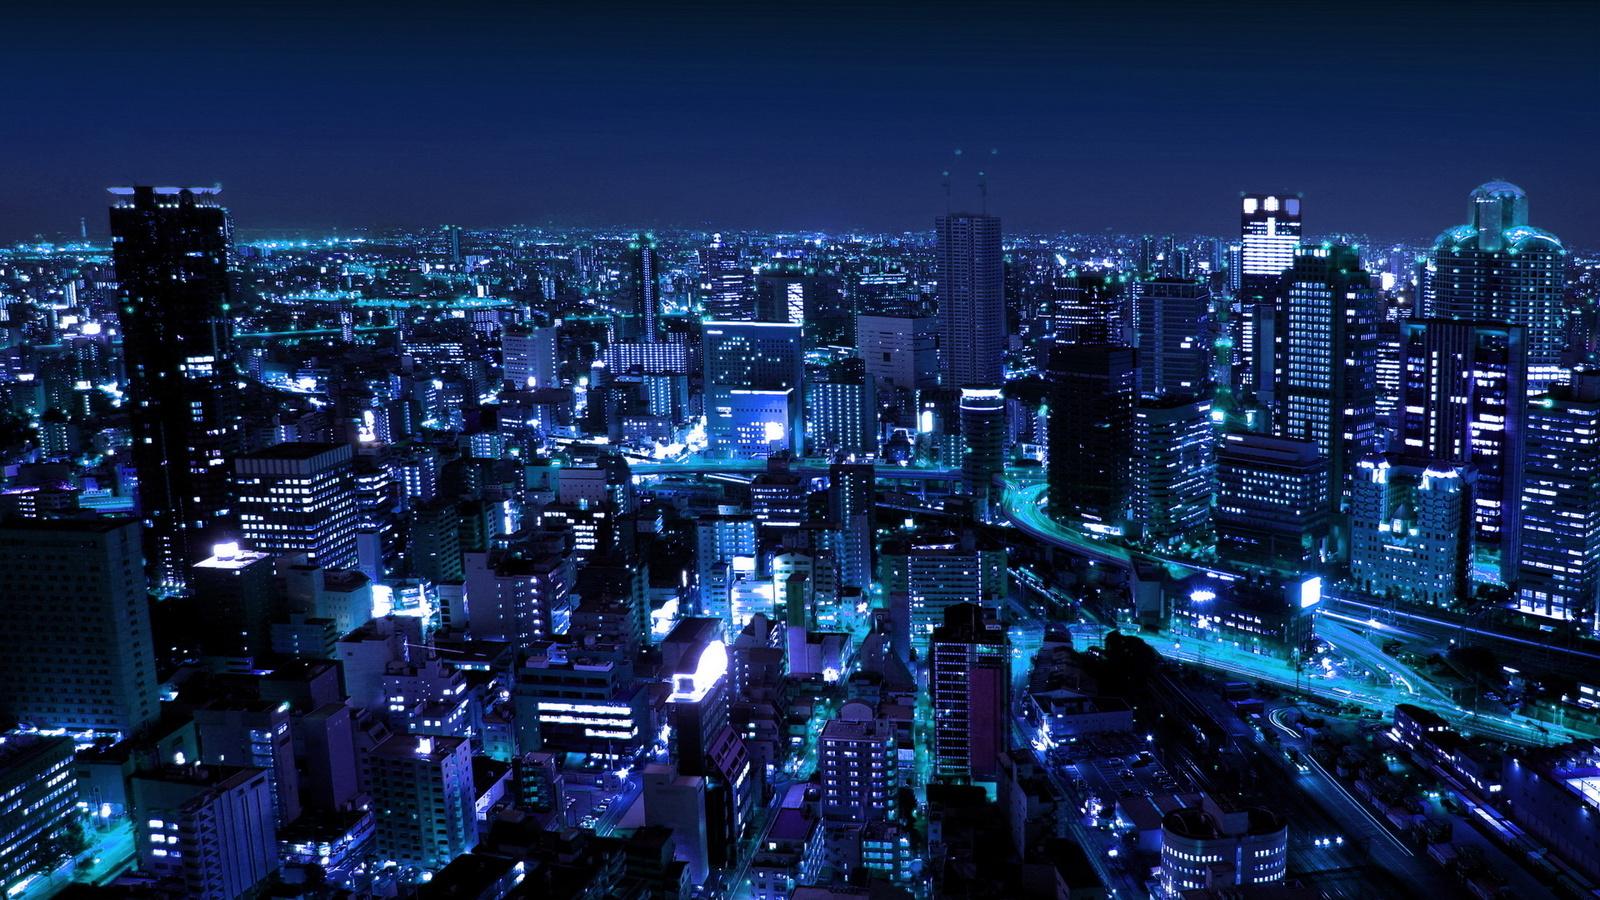 миллионный город, высокие строения, в голубом освещении